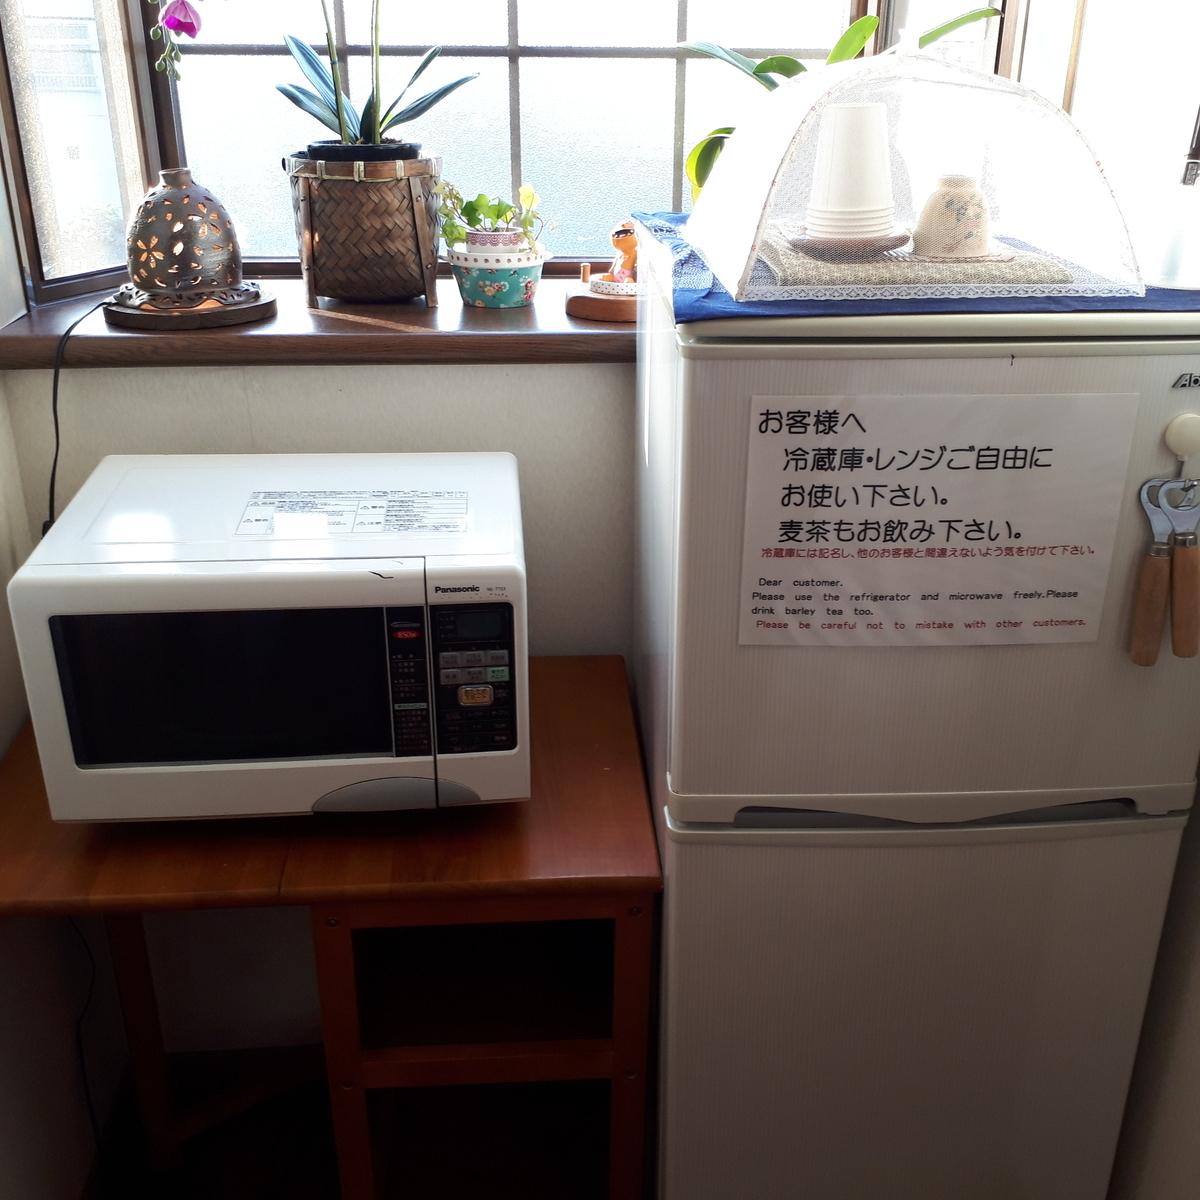 指宿 民宿たかよし 冷蔵庫 電子レンジ